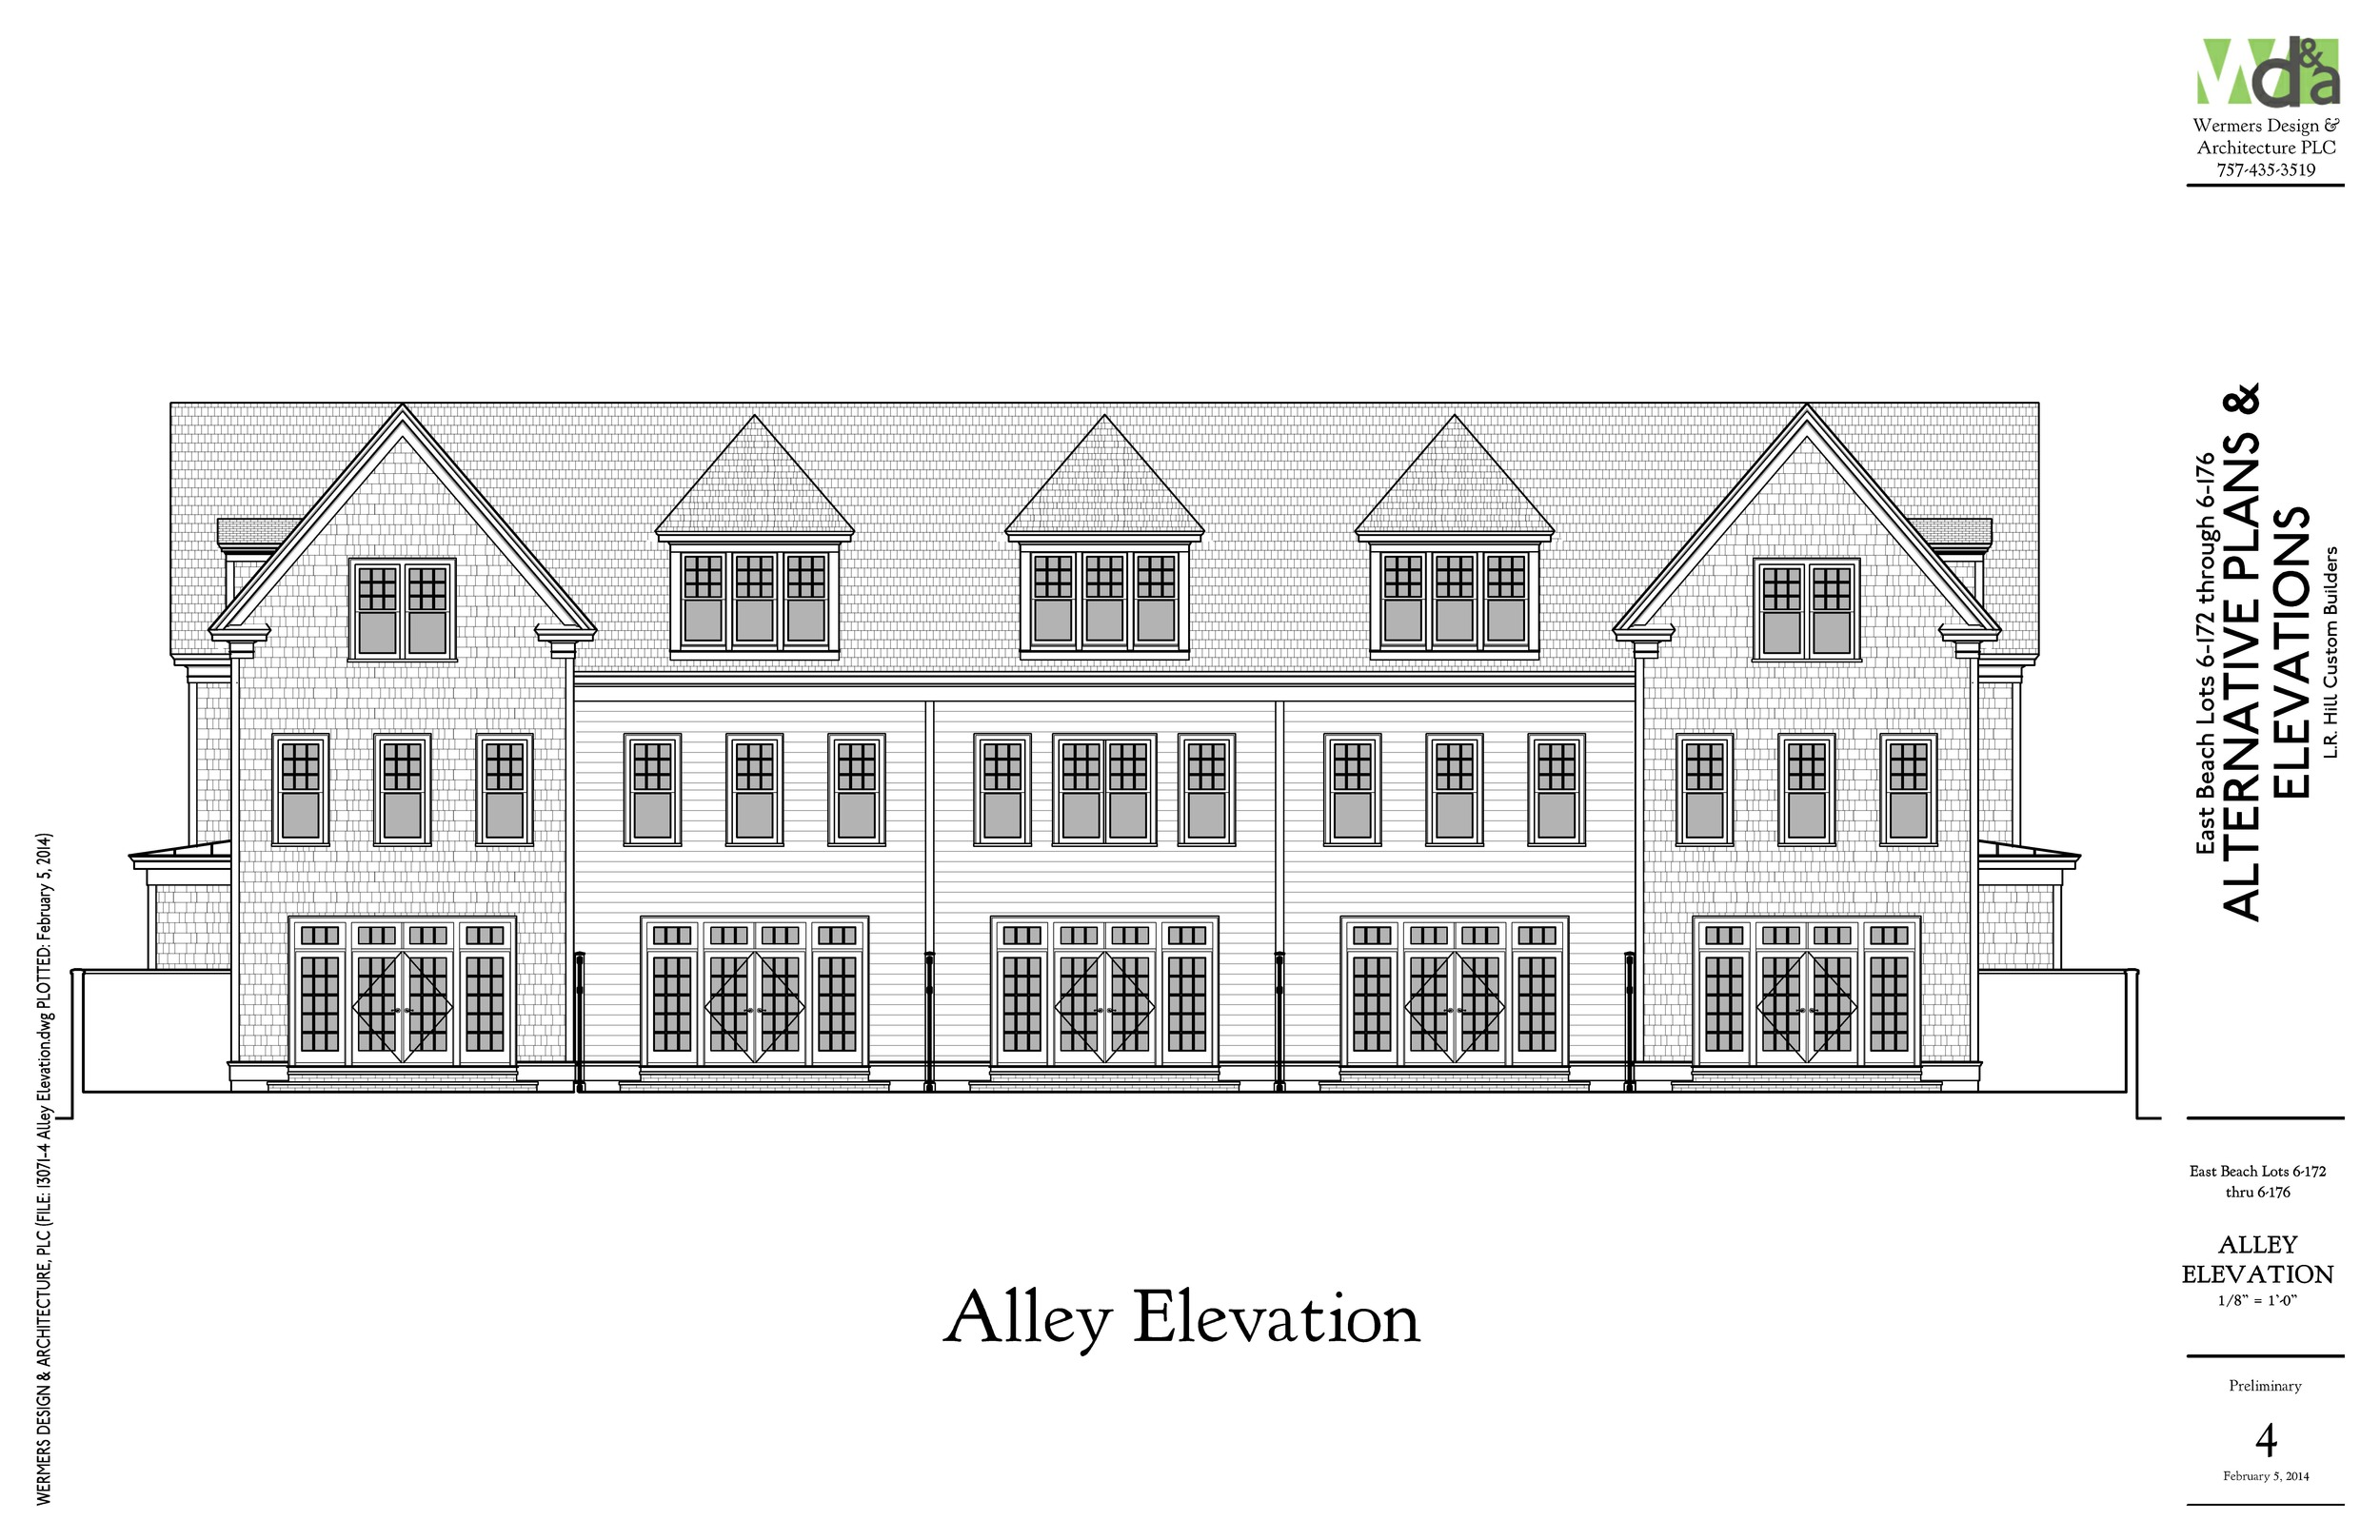 EB Lots 6-172 to 176 V.2 Prelim Plans & Elevations 2014Feb05_Page_4.jpg